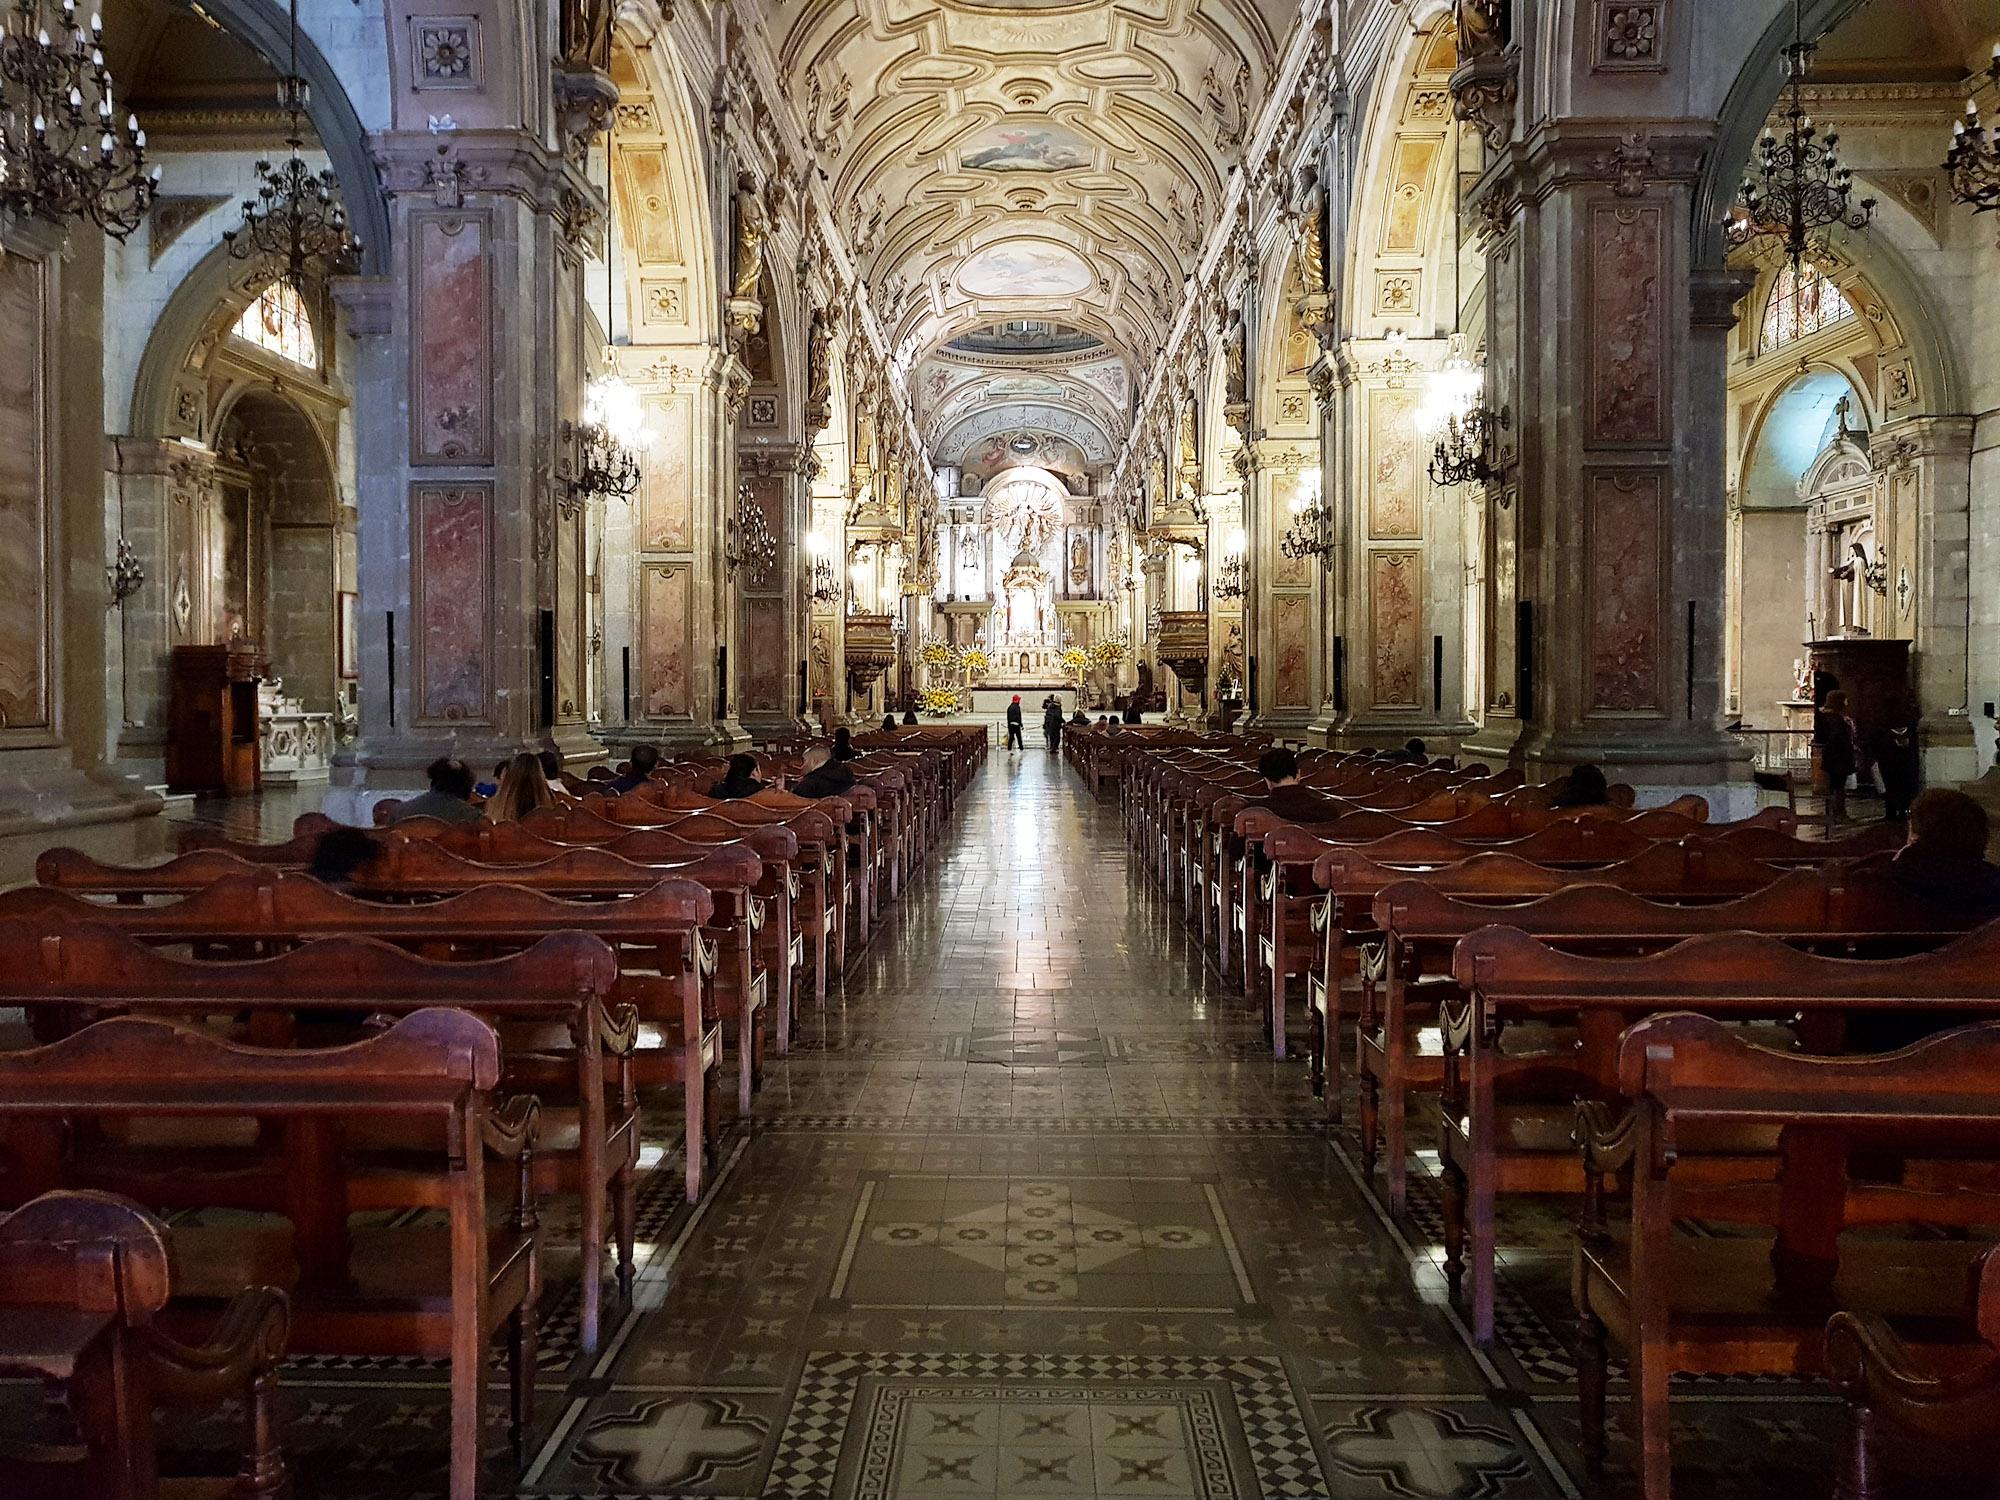 Metropolitan Kathedrale, erbaut zwischen 1748 und 1800, im Zentrum von Santiago de Chile